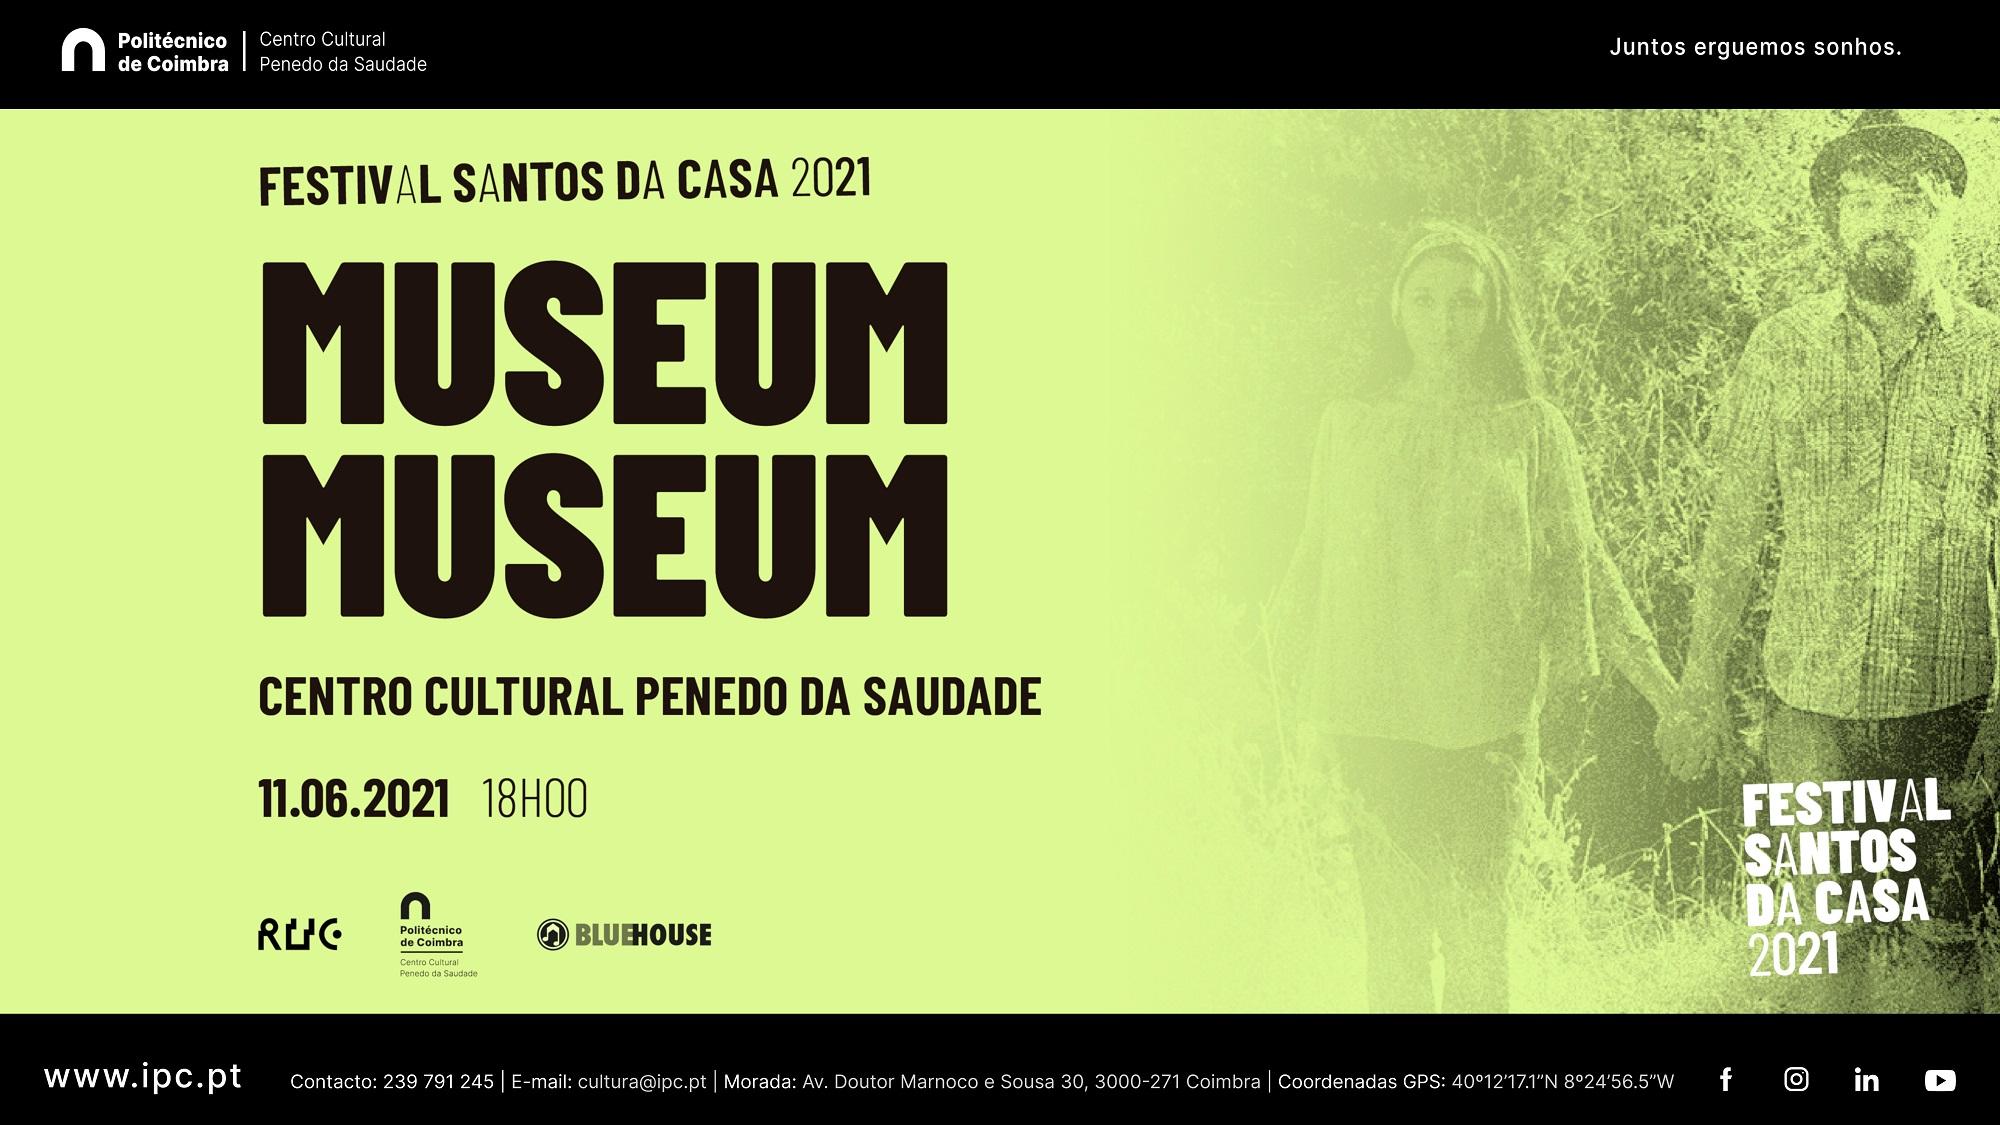 Museum Museum - C.C. Penedo da Saudade (FSdC20/21)